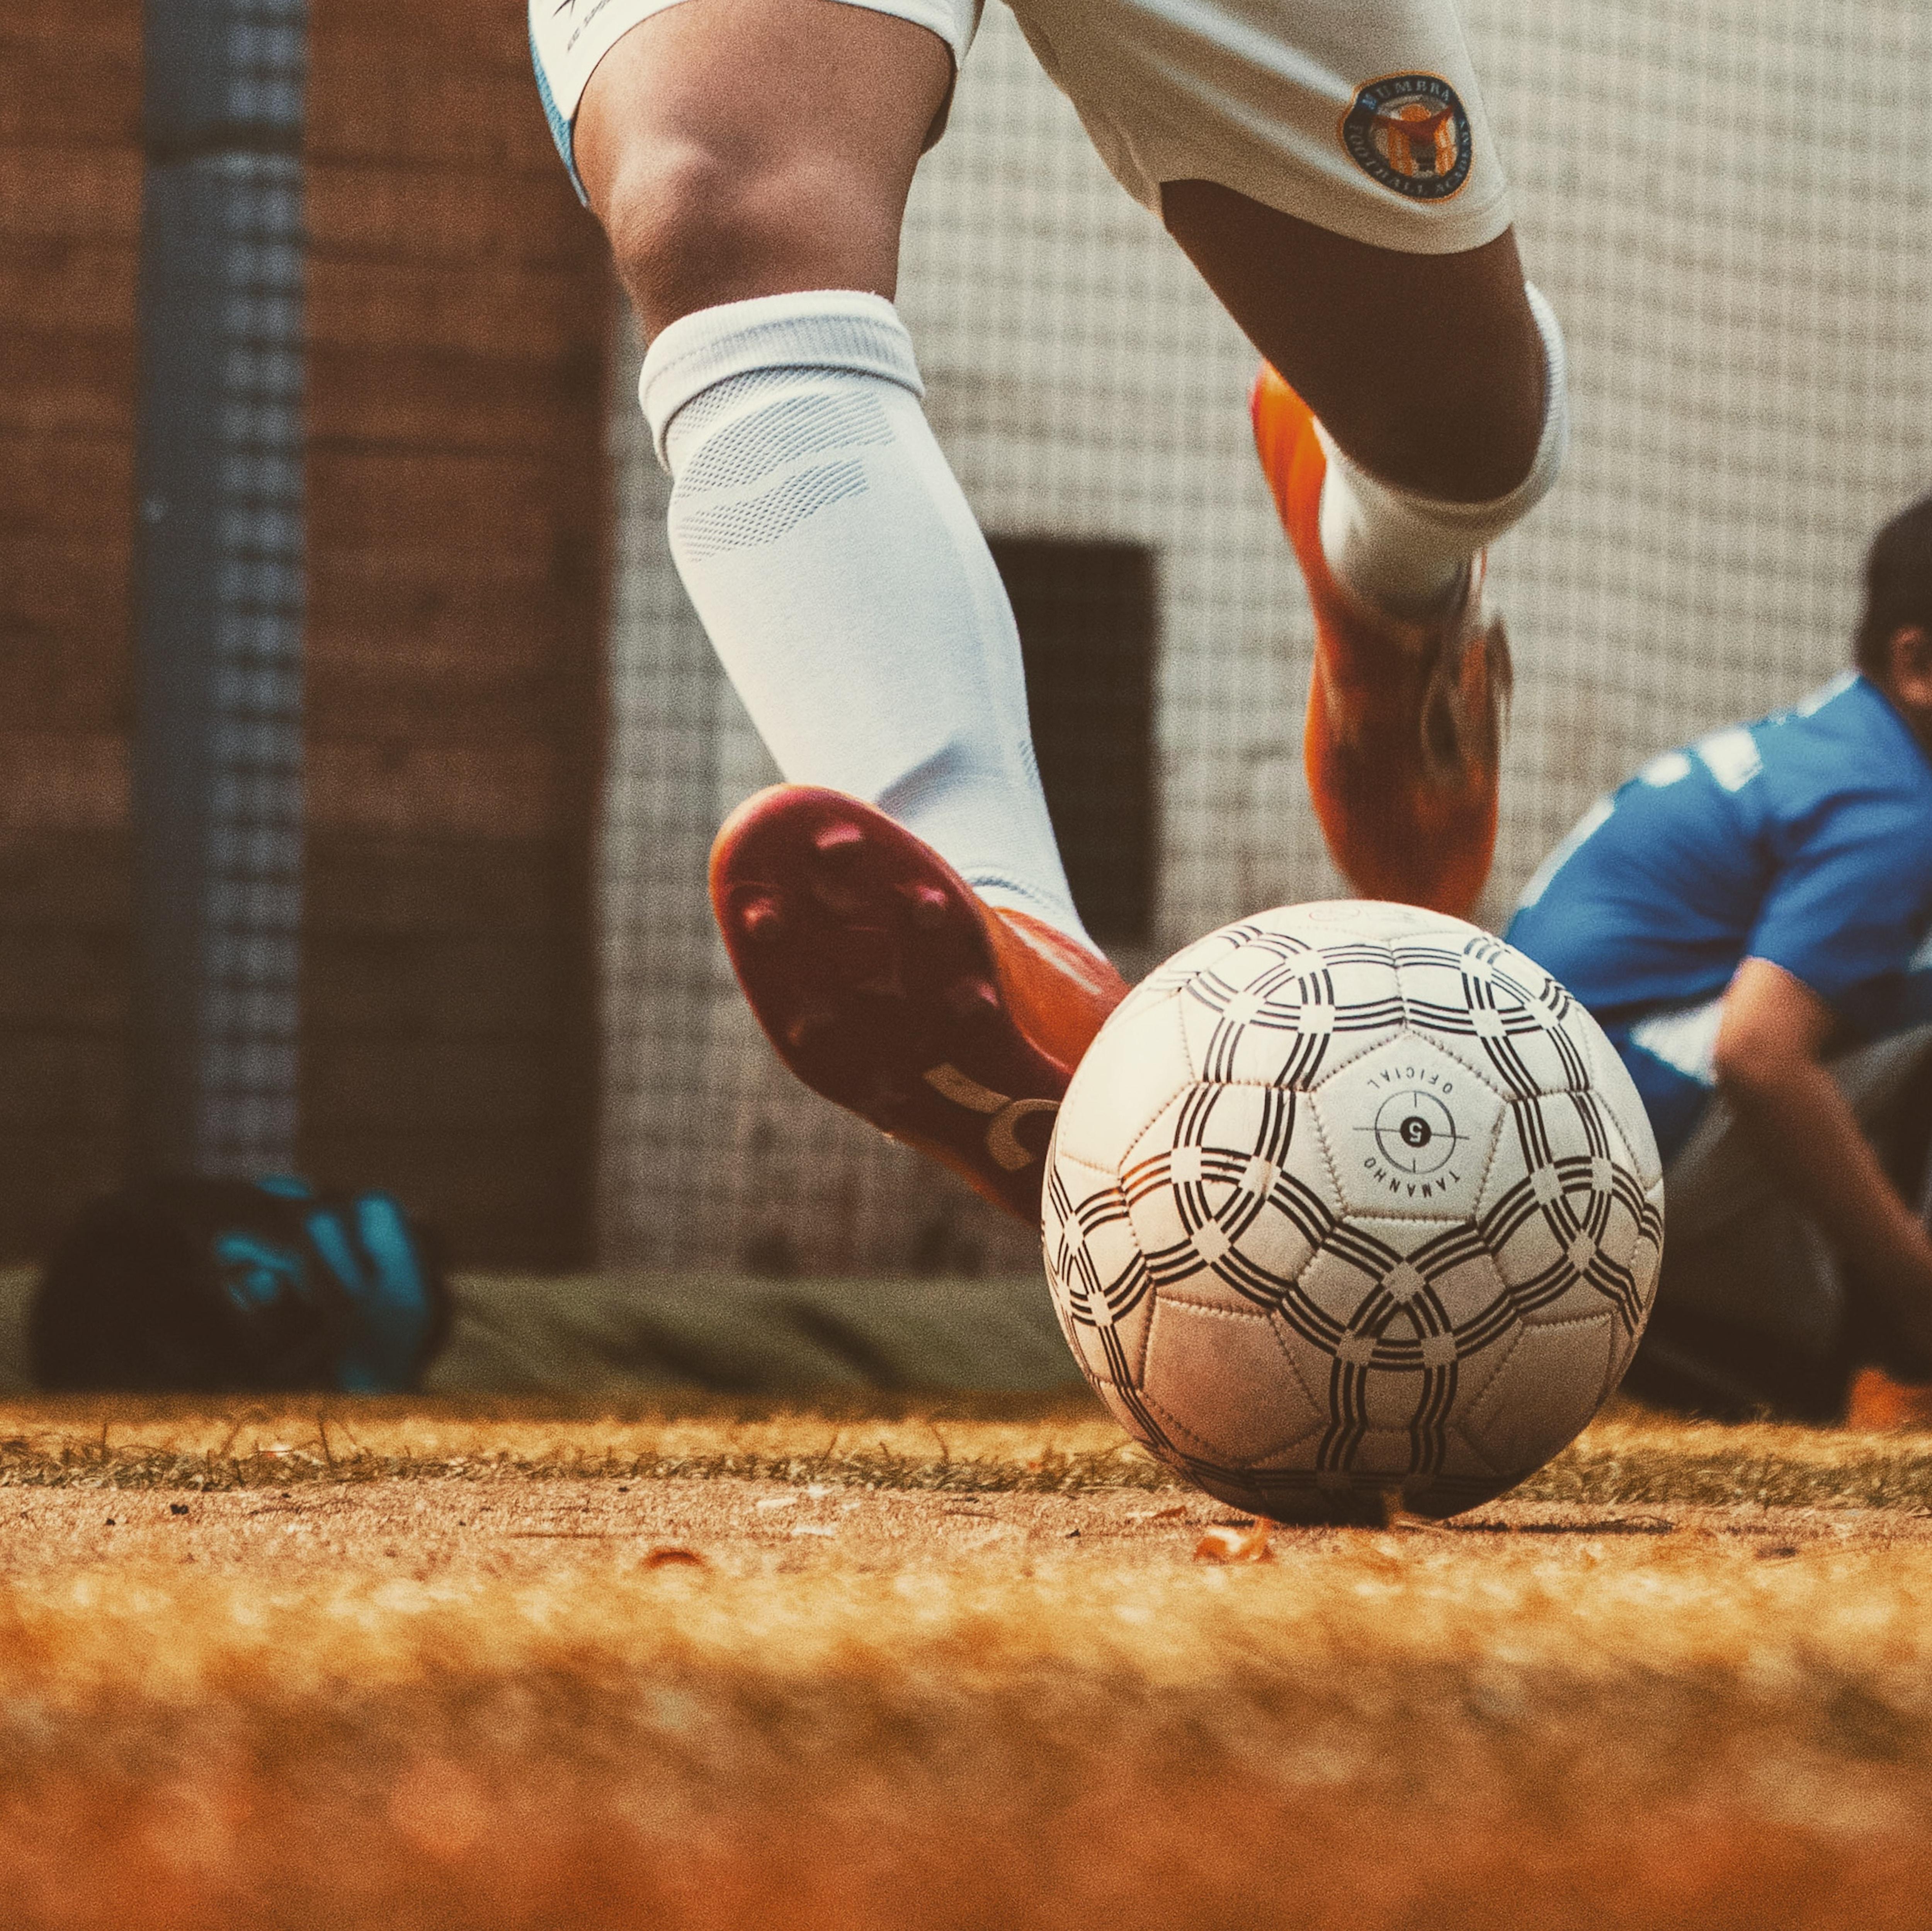 Jak dobrać korki piłkarskie